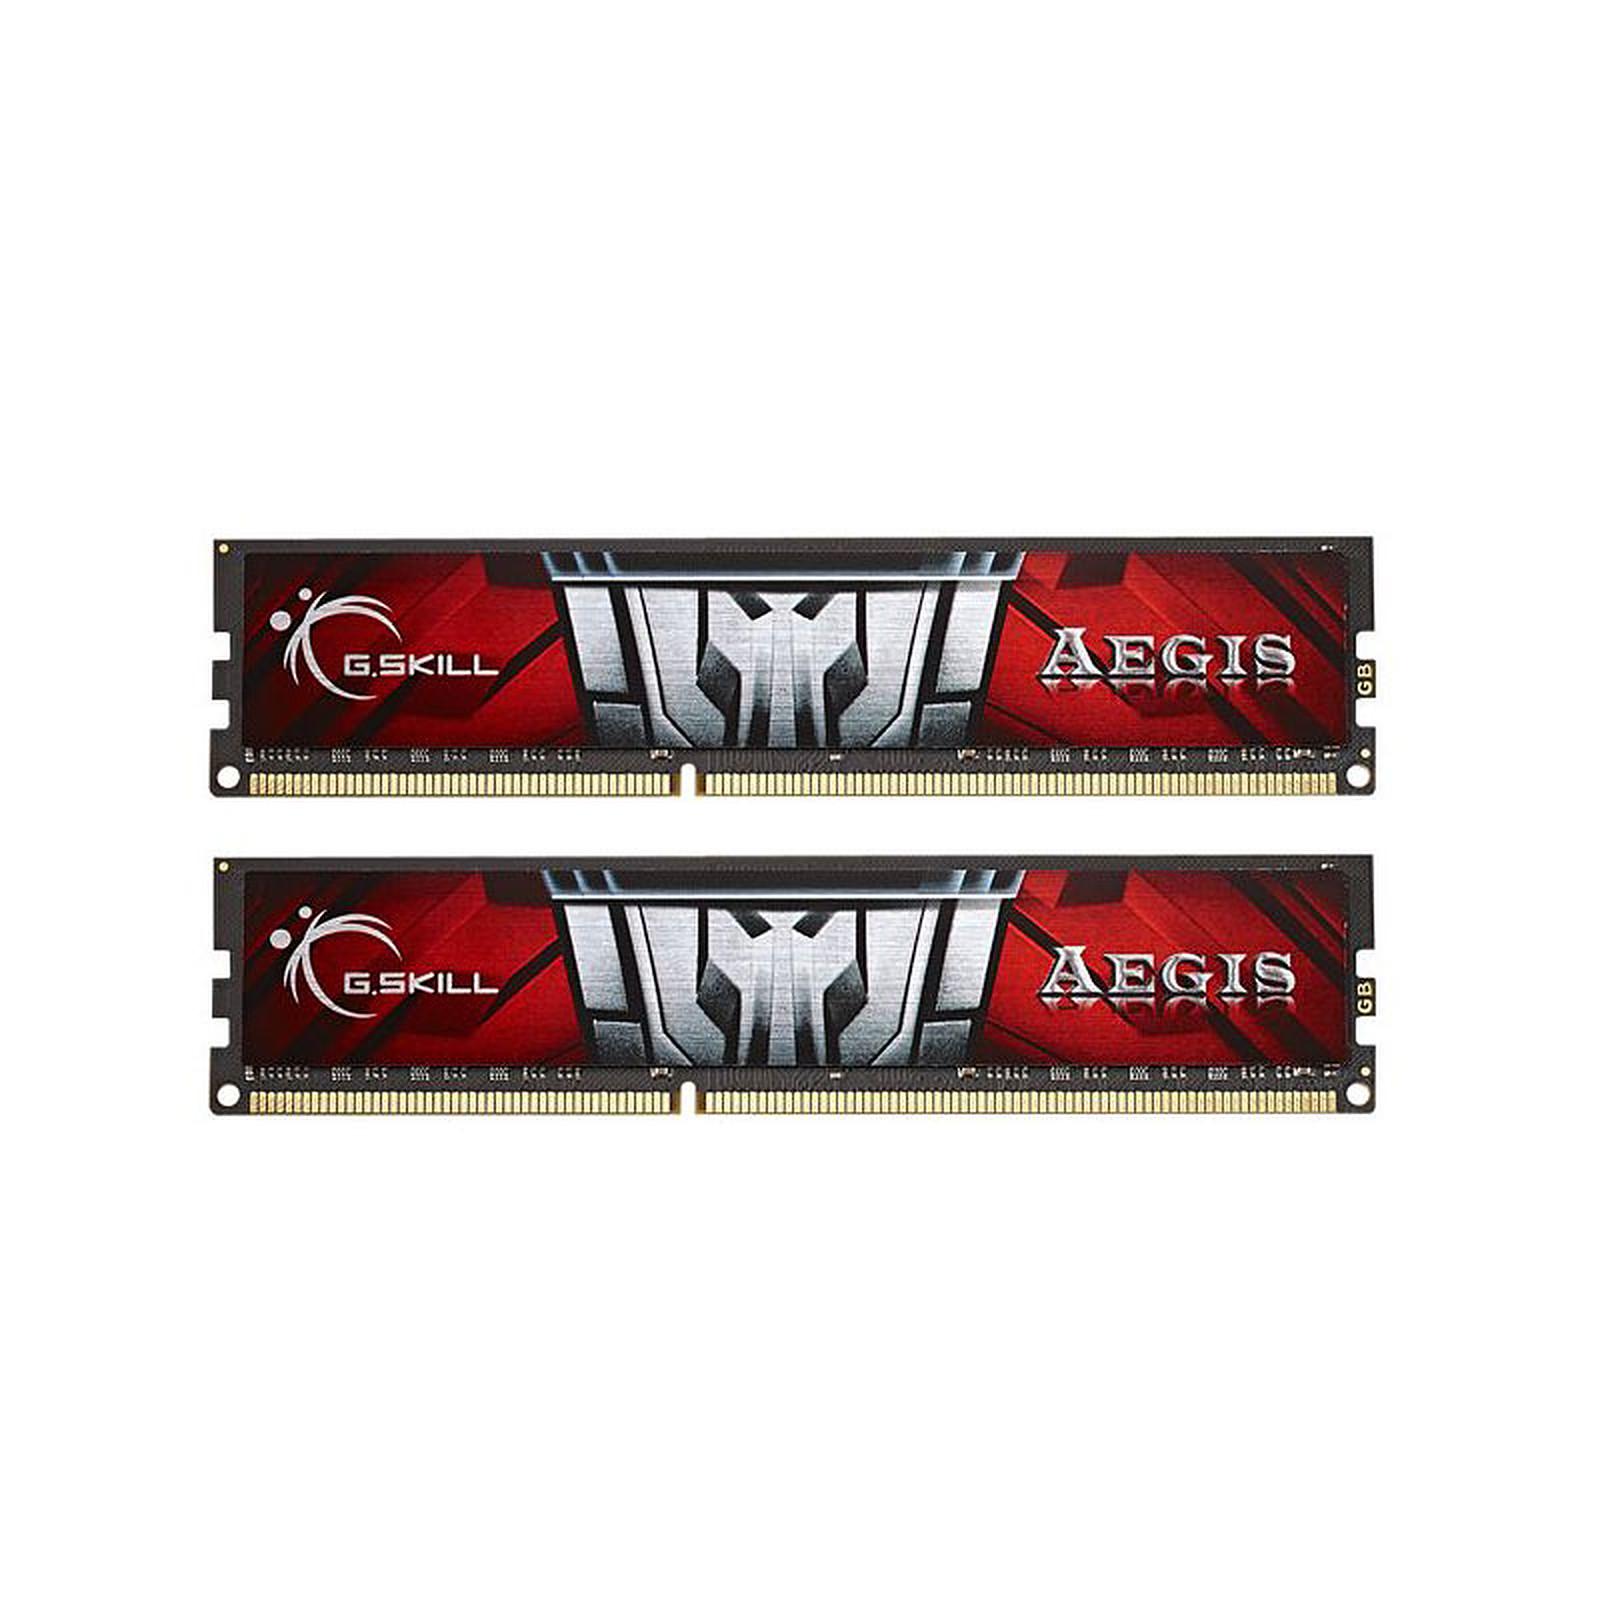 G.Skill Aegis Series 16 Go (2 x 8 Go) DDR3 1600 MHz CL11